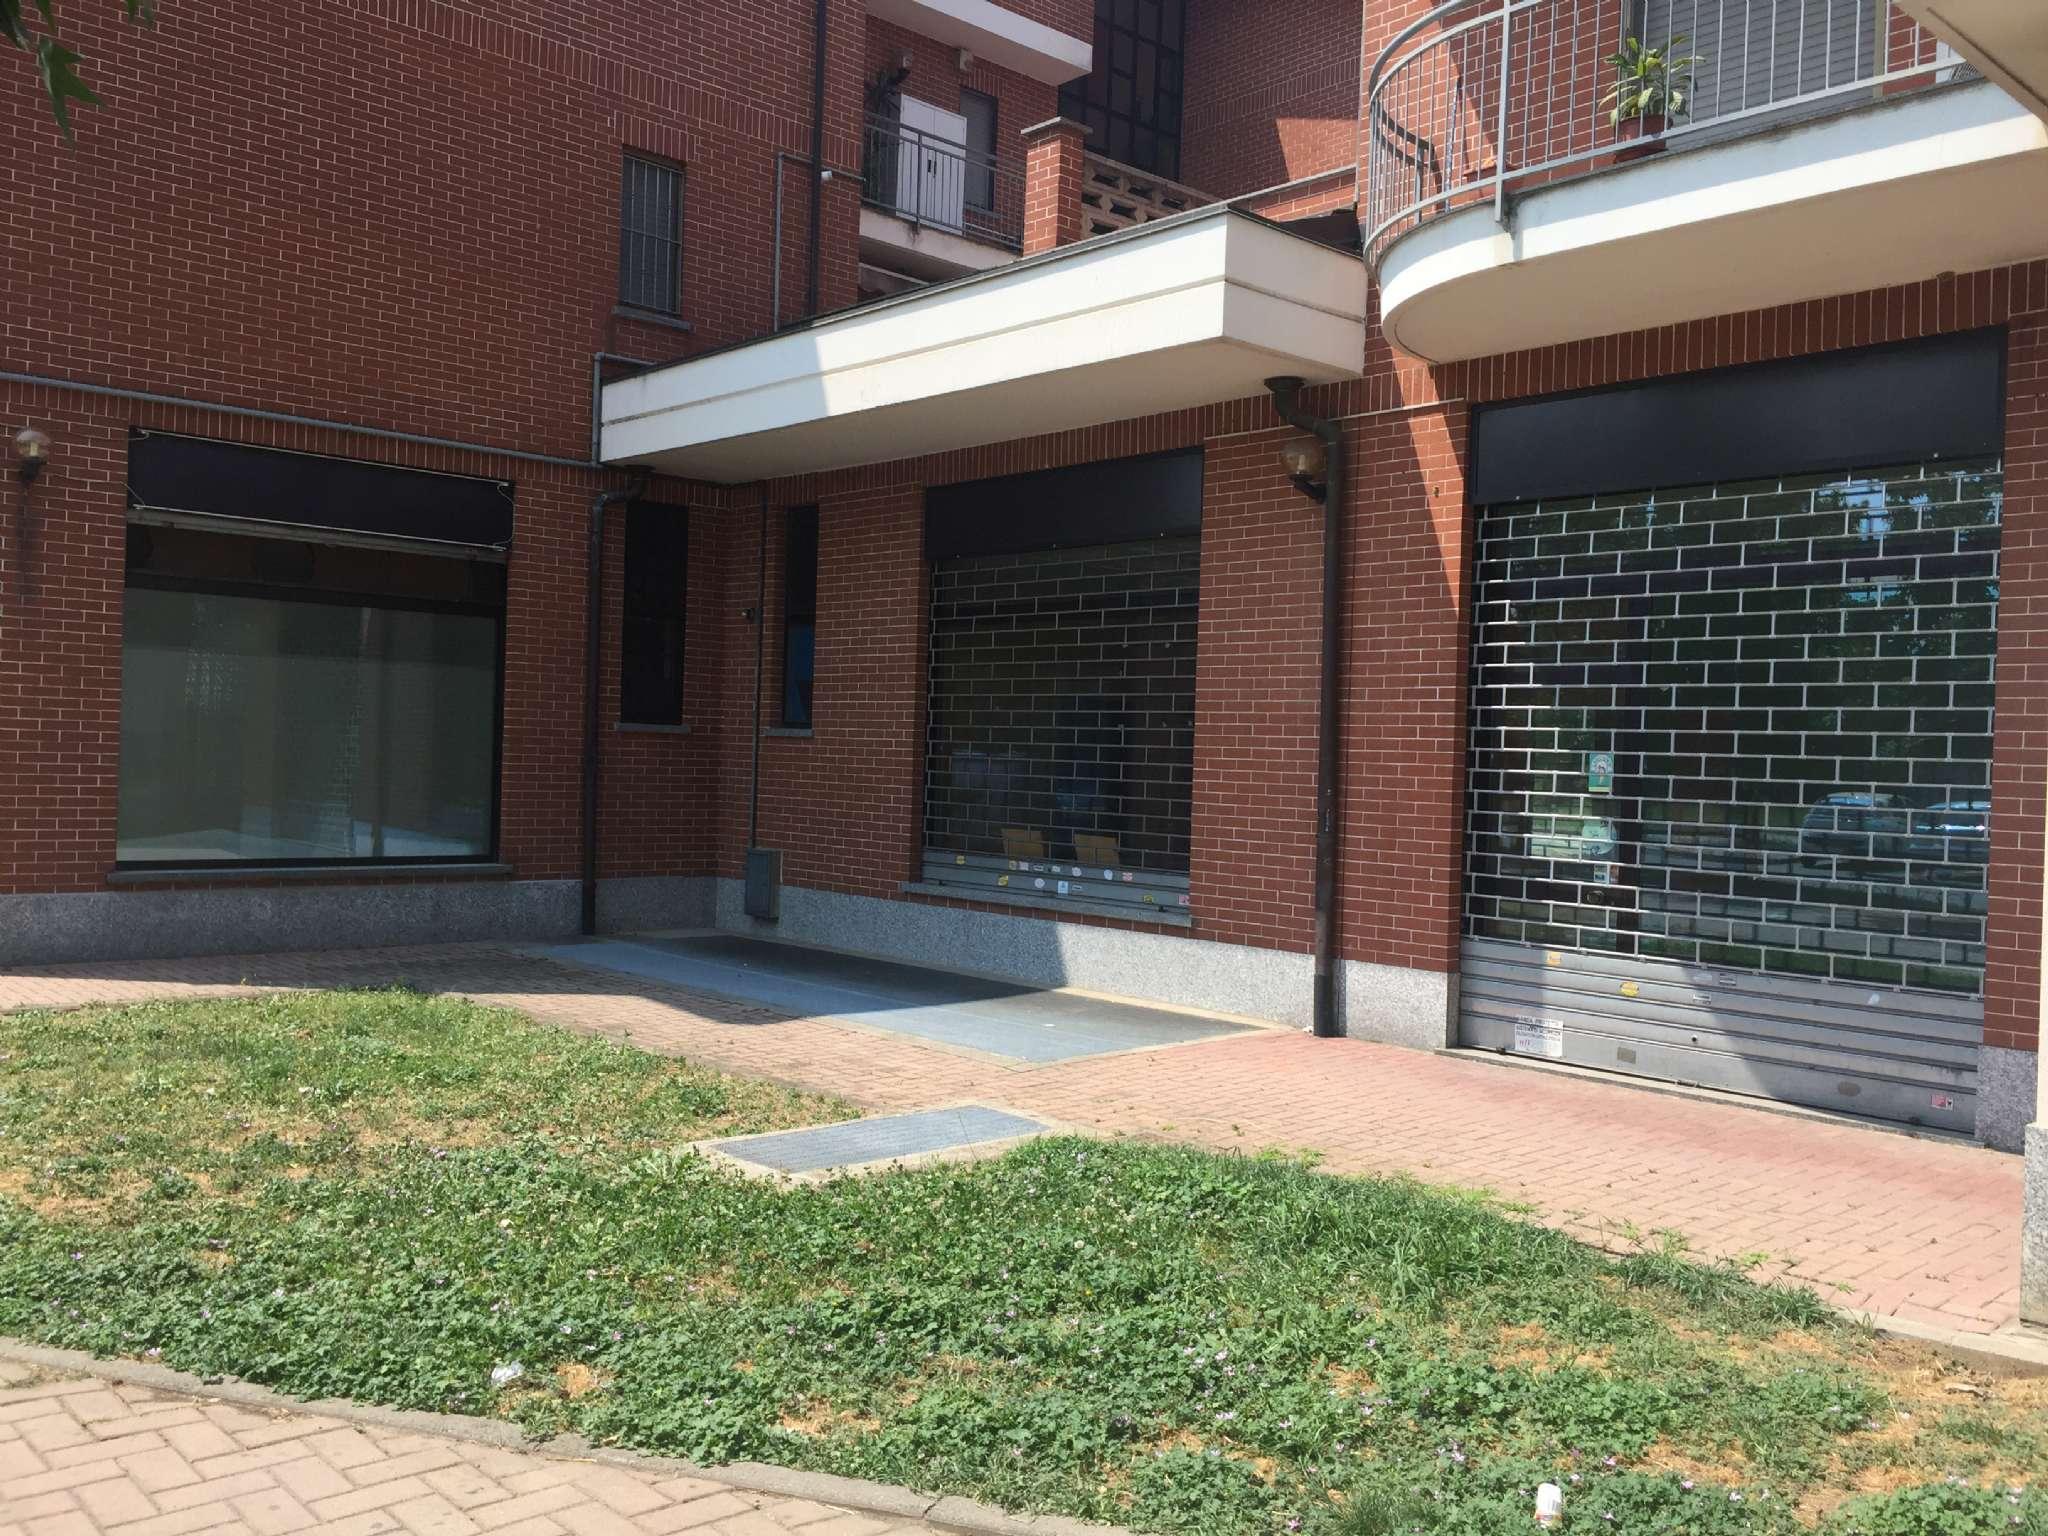 Negozio / Locale in affitto a Nichelino, 2 locali, prezzo € 450 | CambioCasa.it